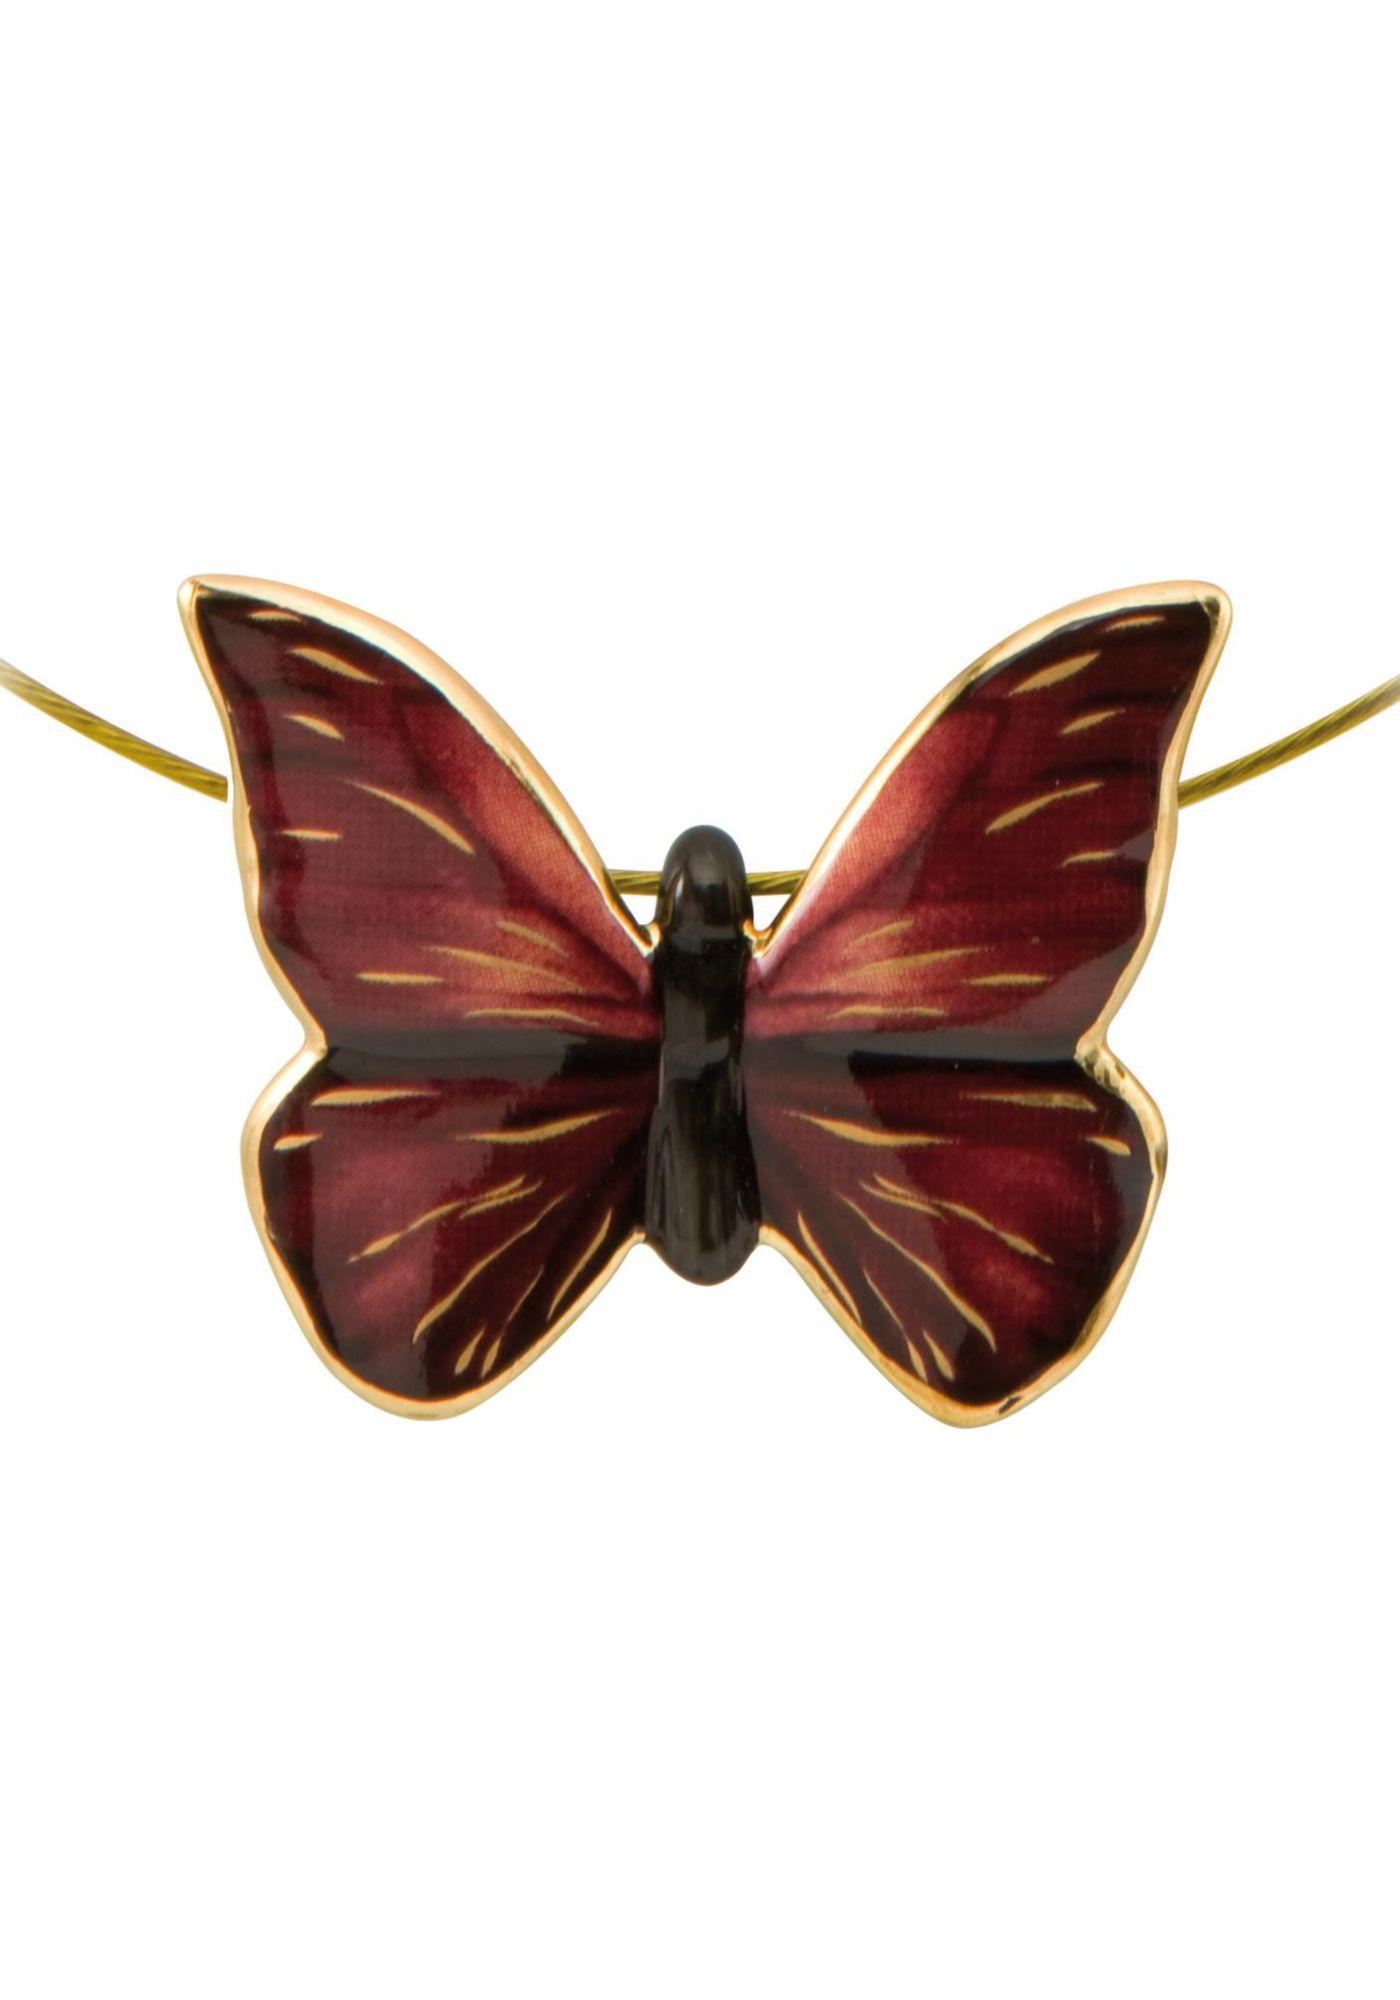 GOEBEL Goebel Kette mit Anhänger »Butterfly Red, Schmetterling, 26150461«